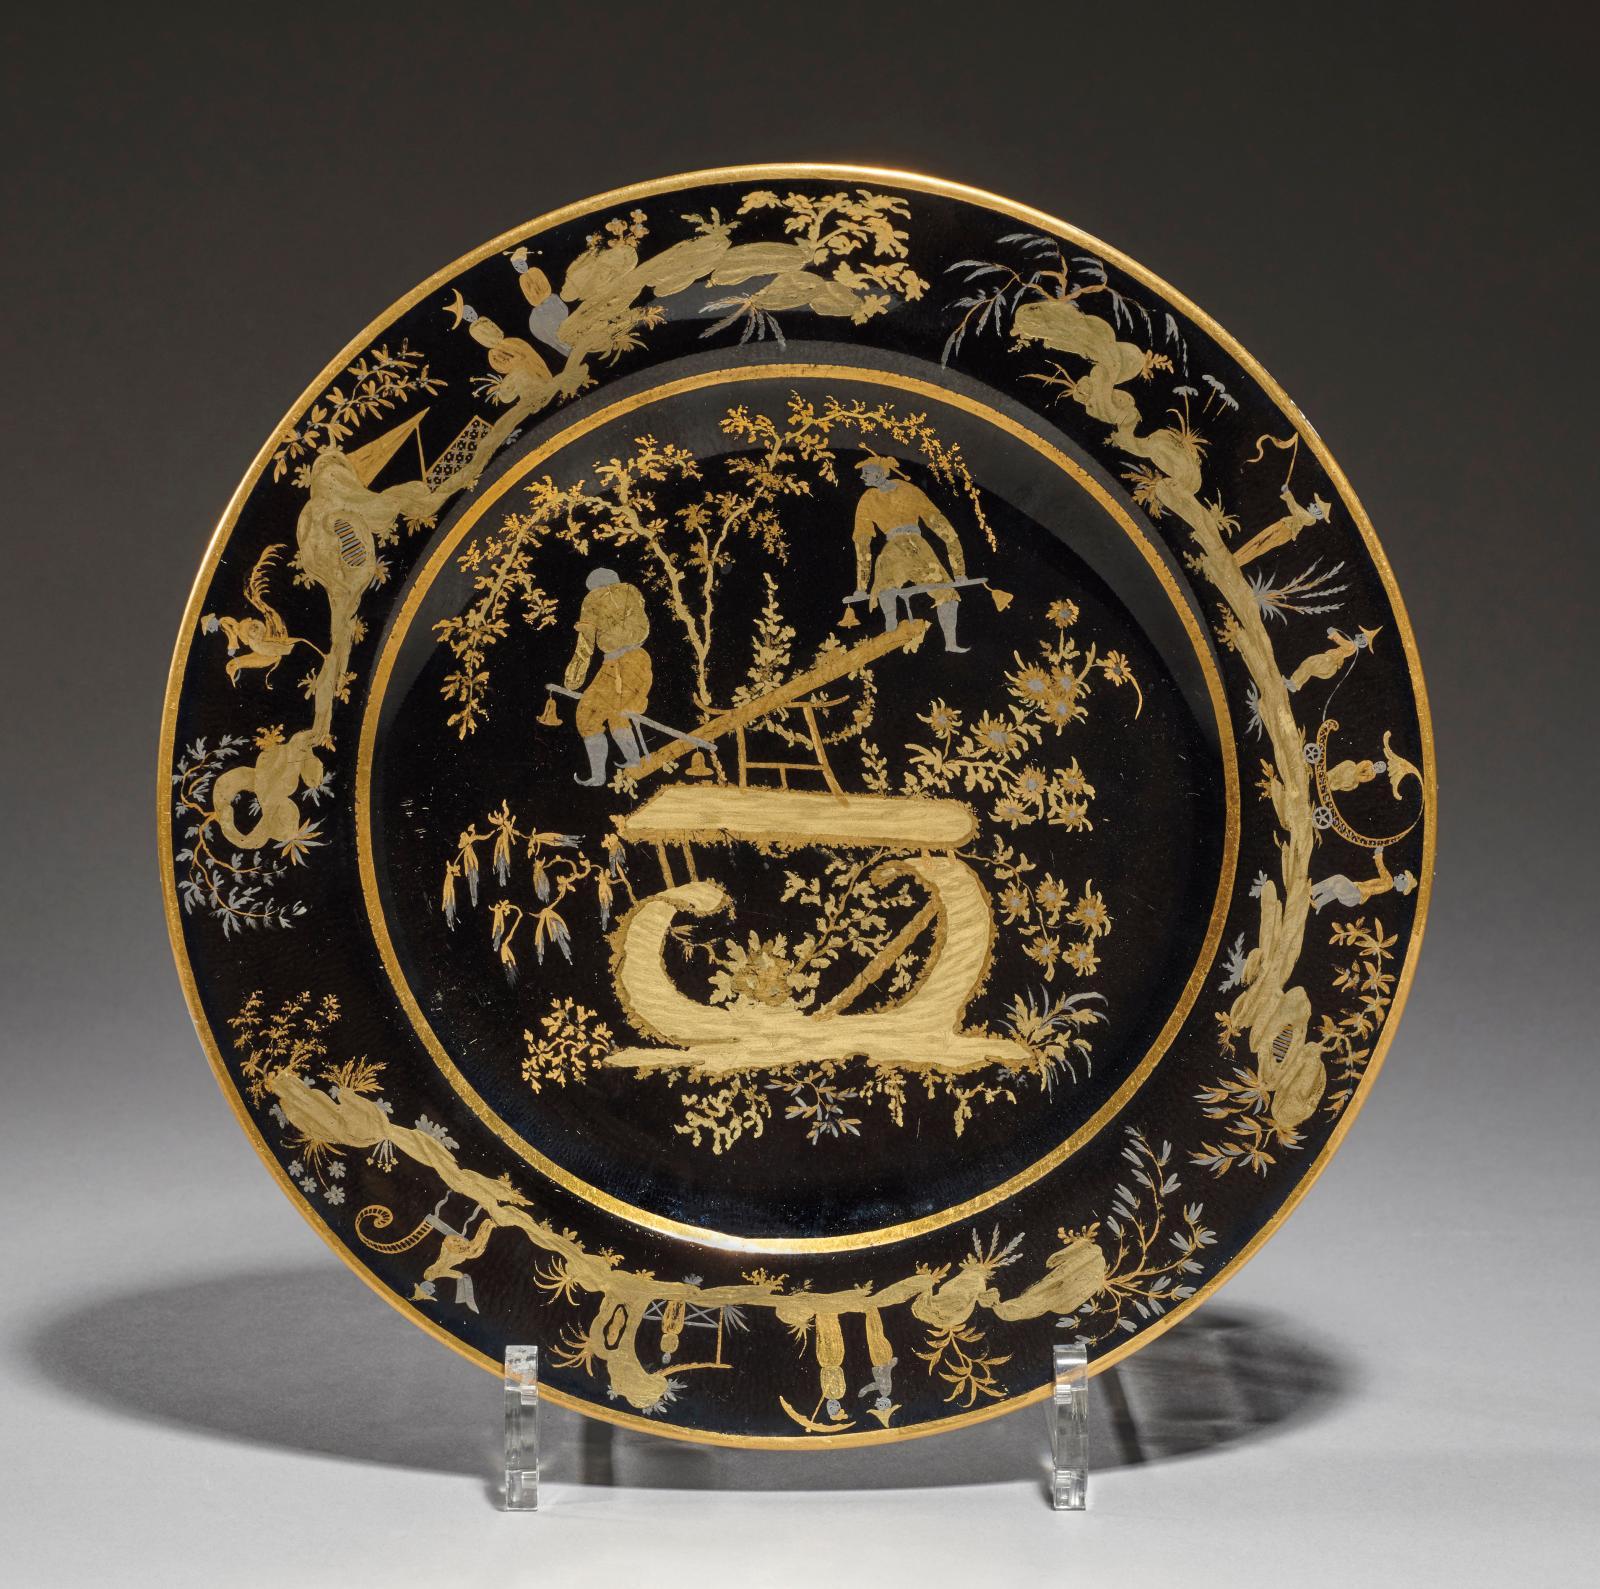 Sèvres. Assiette en porcelaine dure en or et platine sur fond noir décorée de deux Chinois d'après la gravure de Jean Pillement, diam. 24cm. Estimati